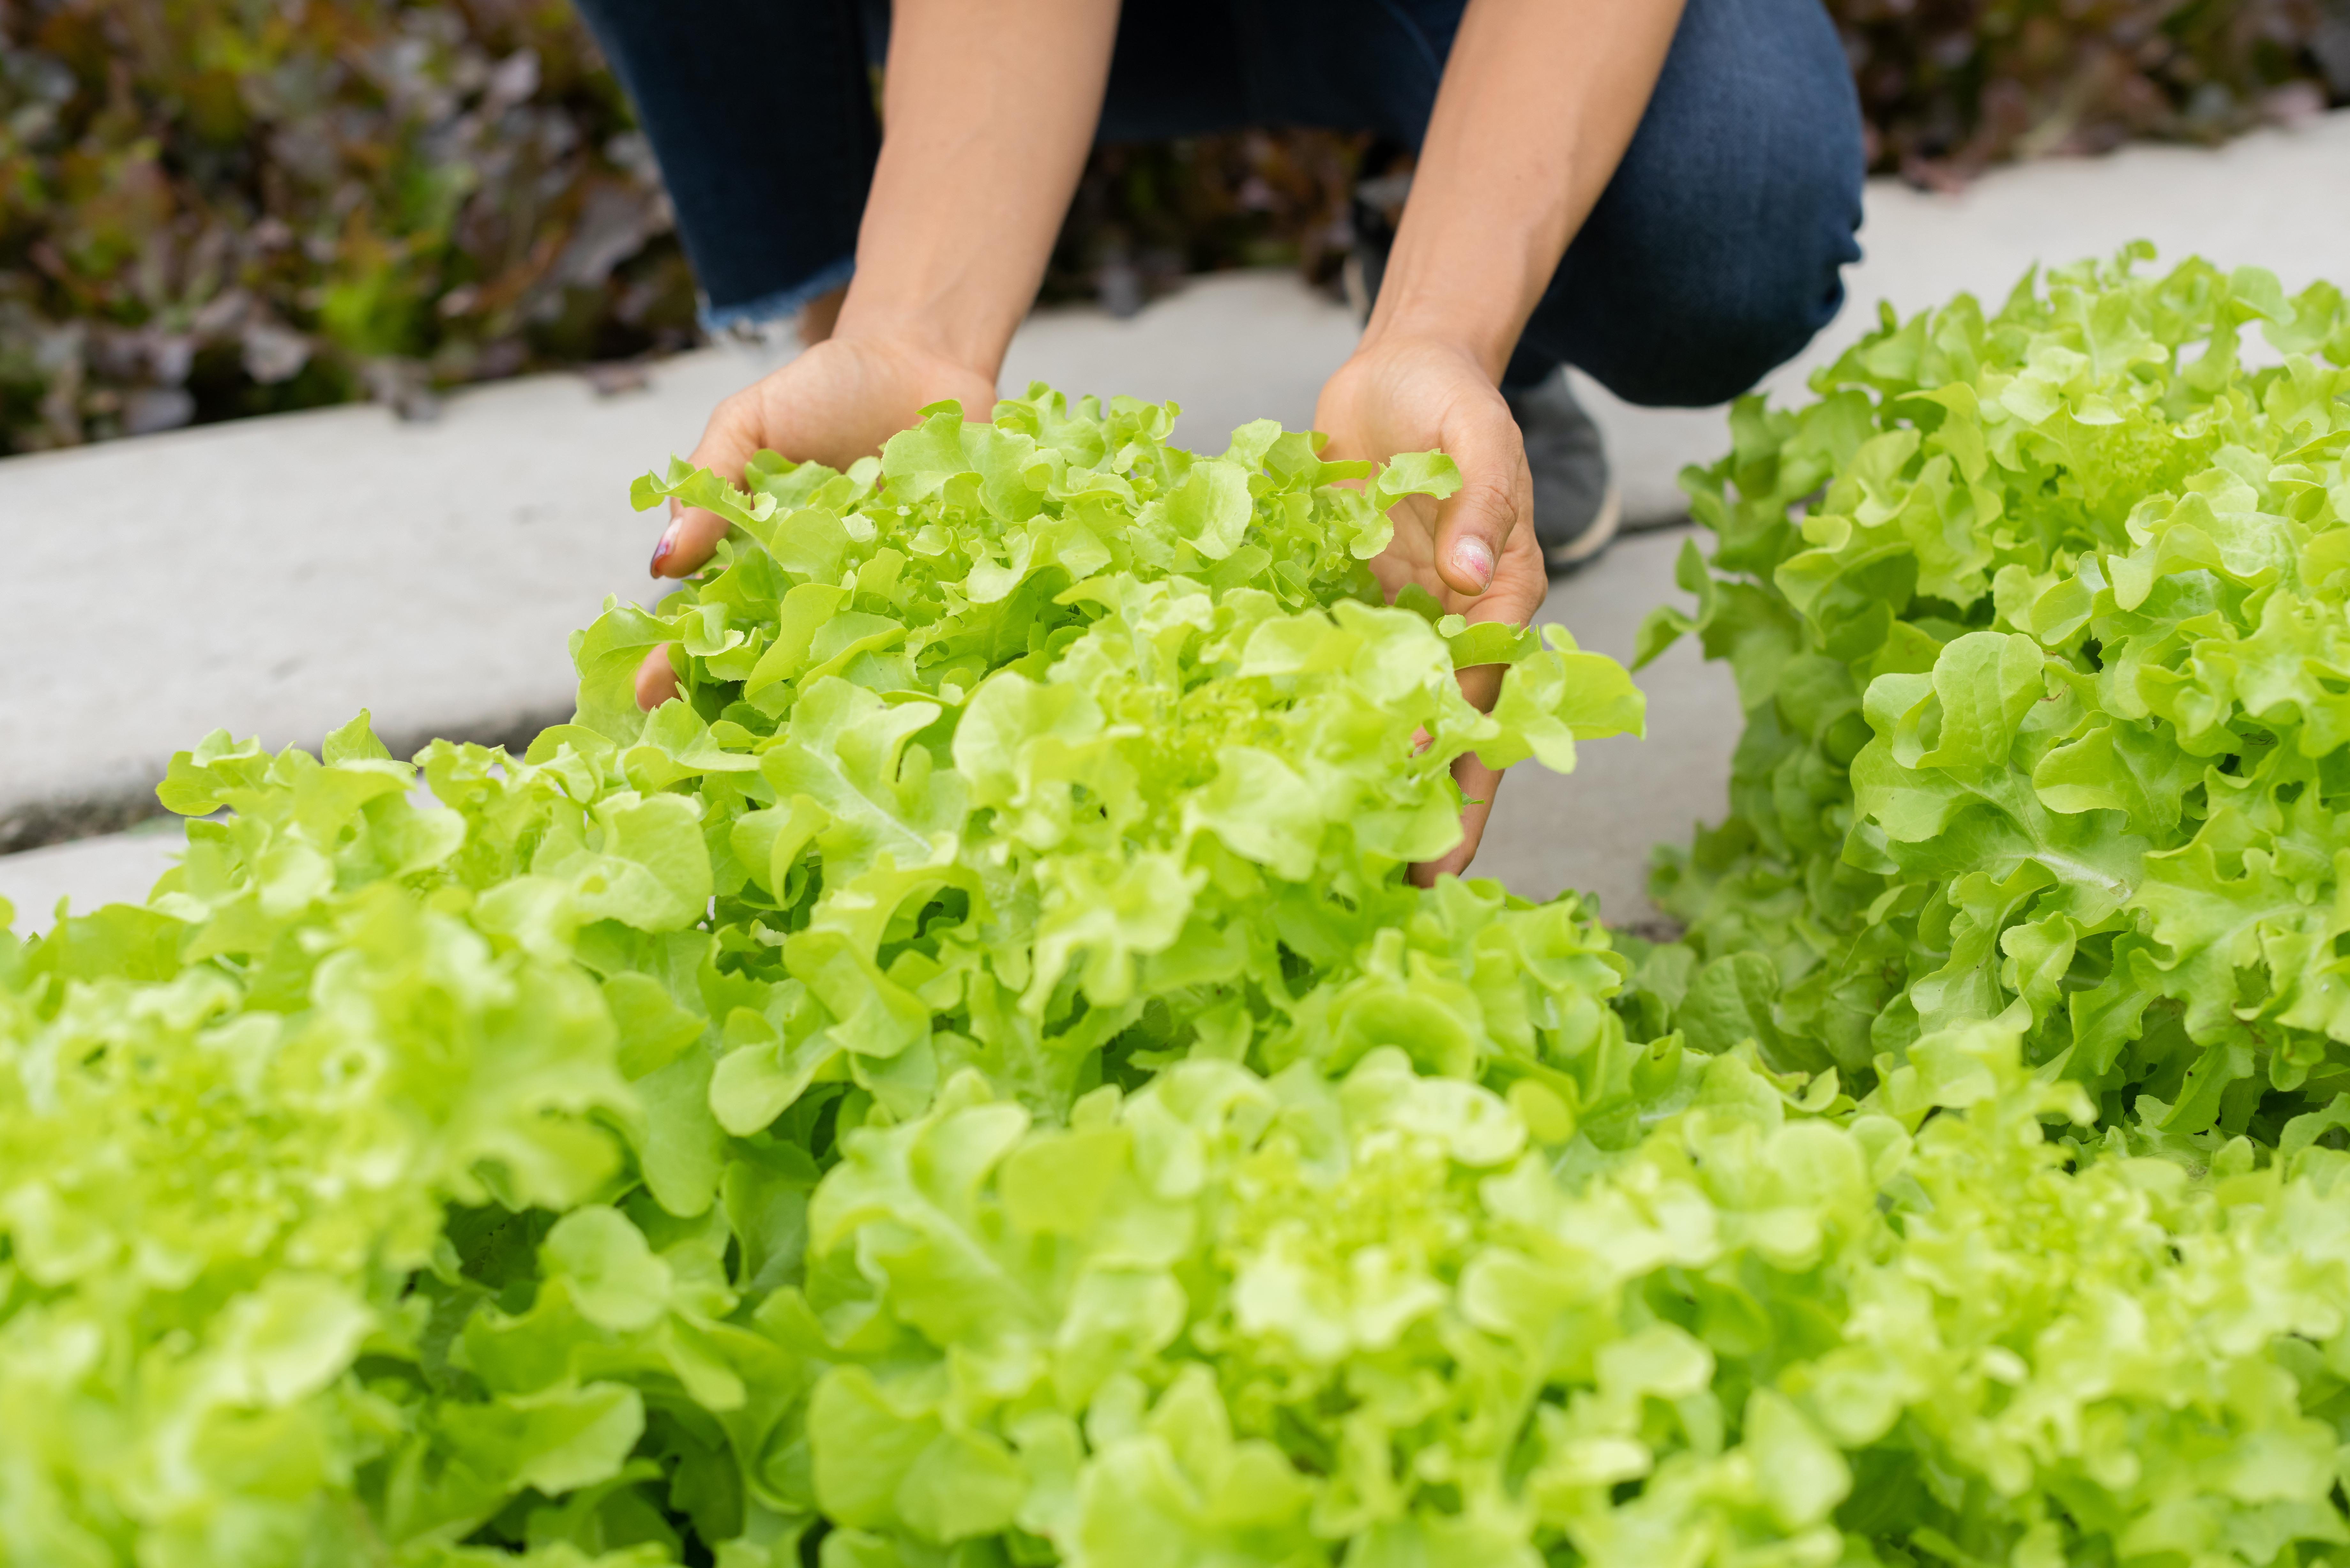 senior-adult-couple-picking-vegetable-from-backyard-garden.jpg